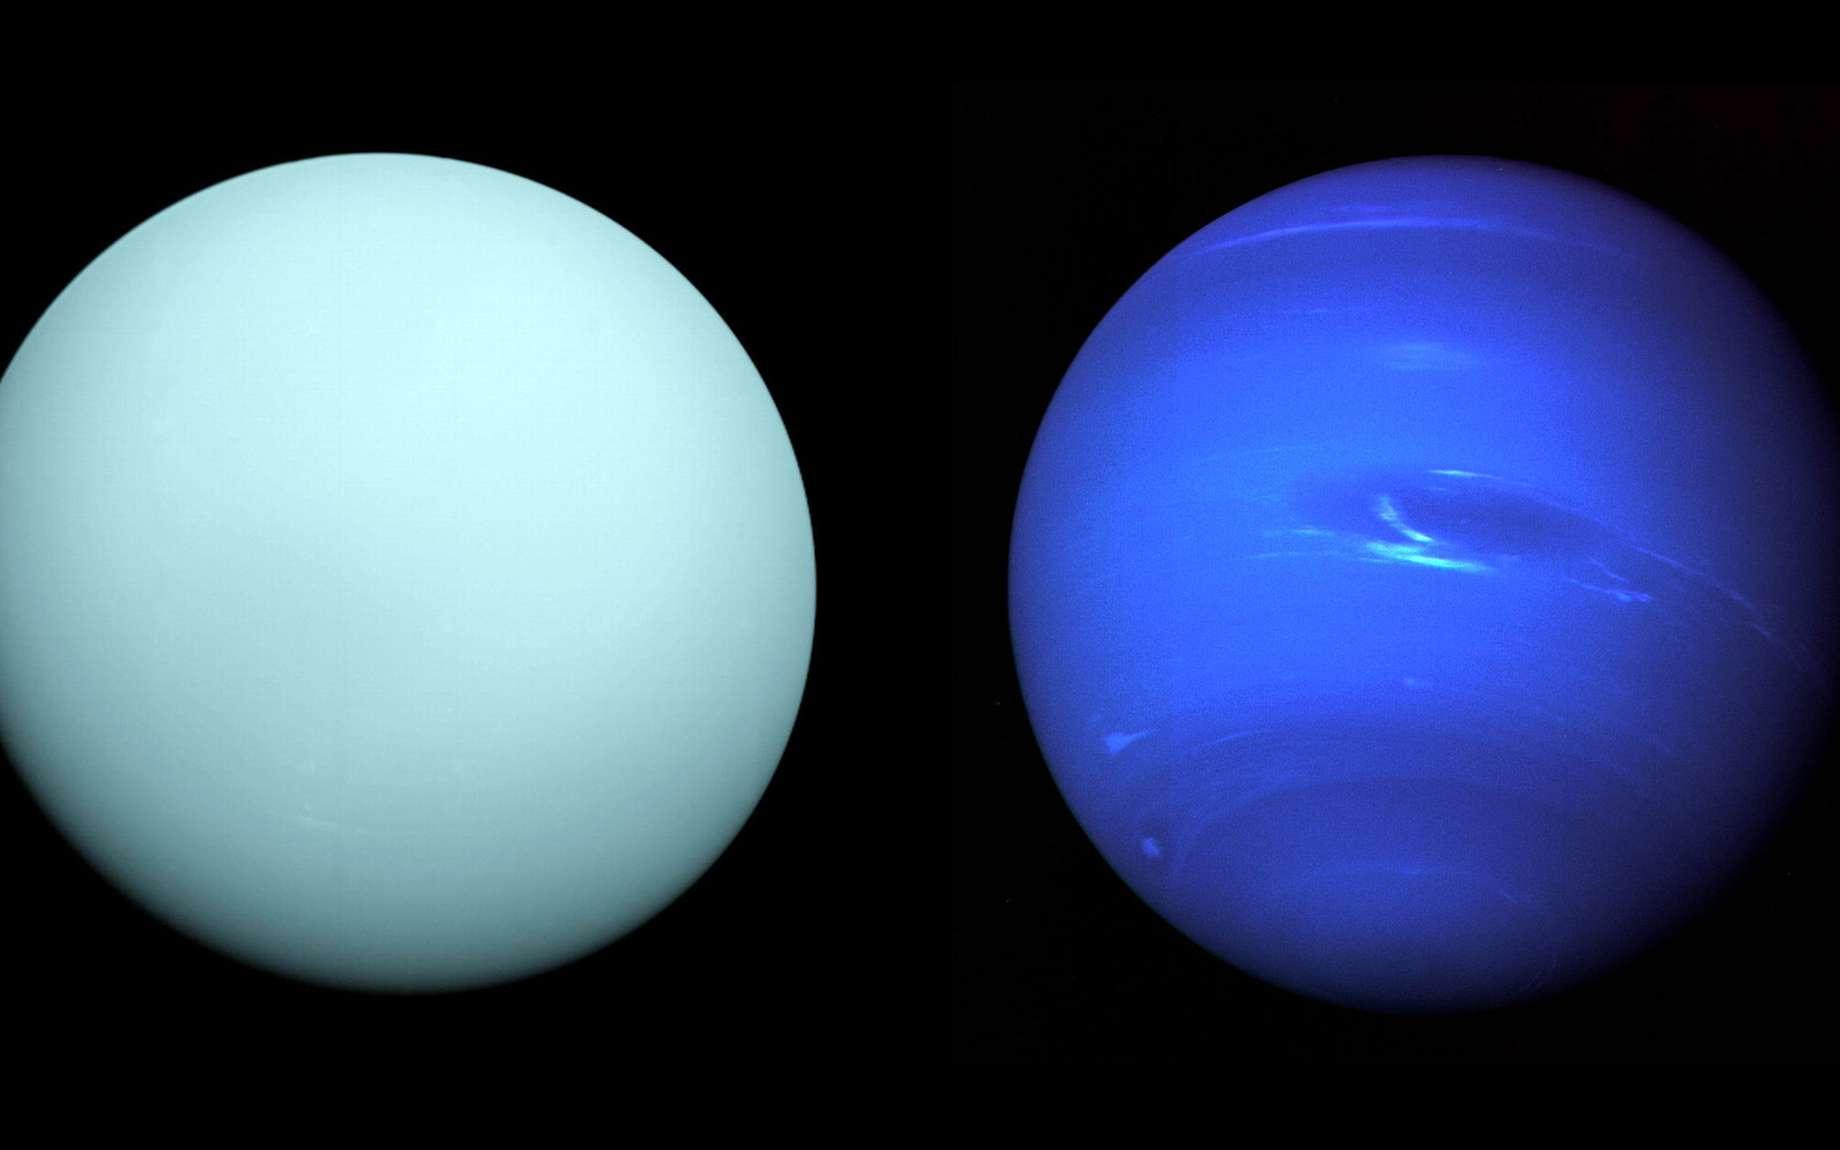 Uranus et Neptune vues par la mission Voyager 2 de la Nasa. @ Nasa, Voyager Science team